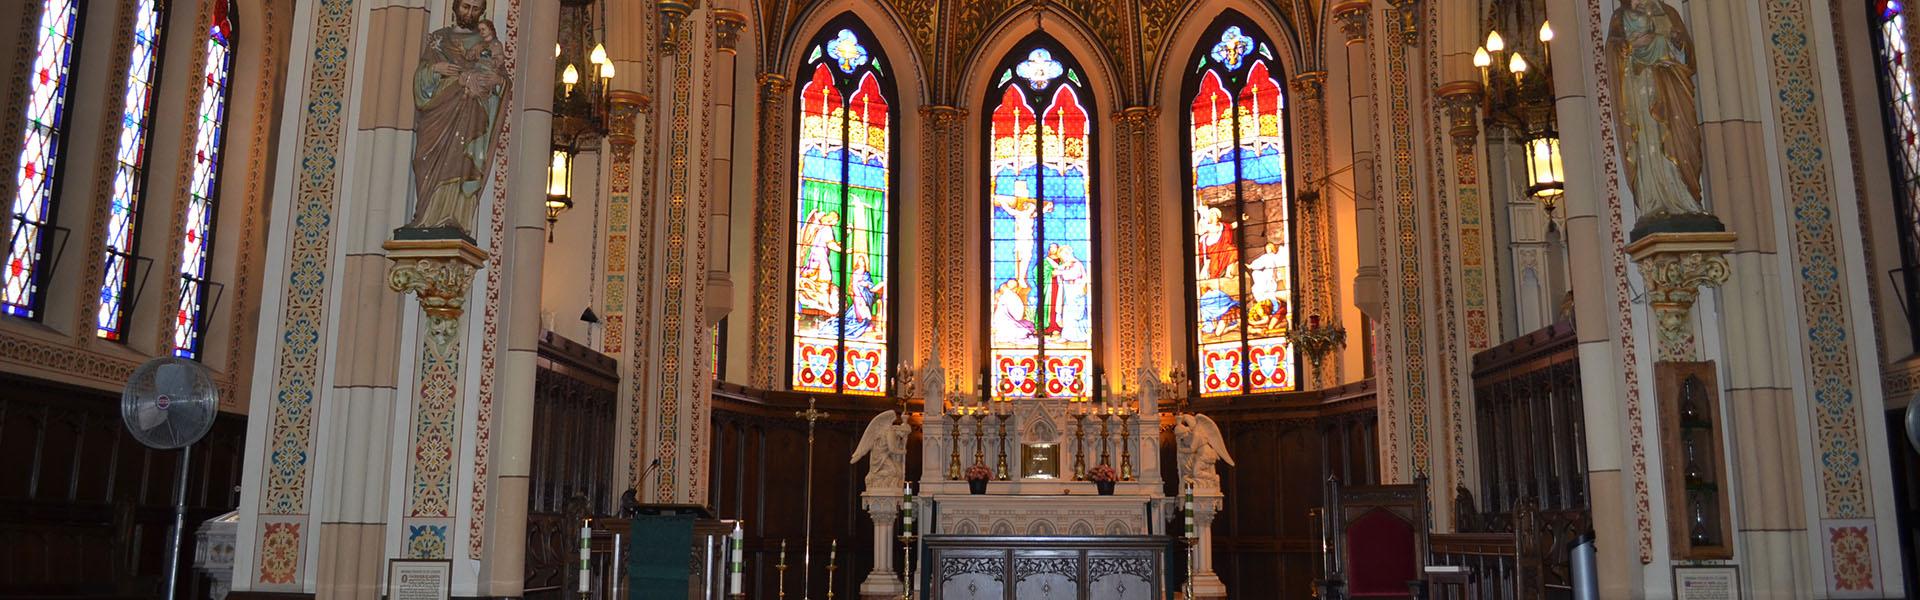 Assumption Church, intérieur